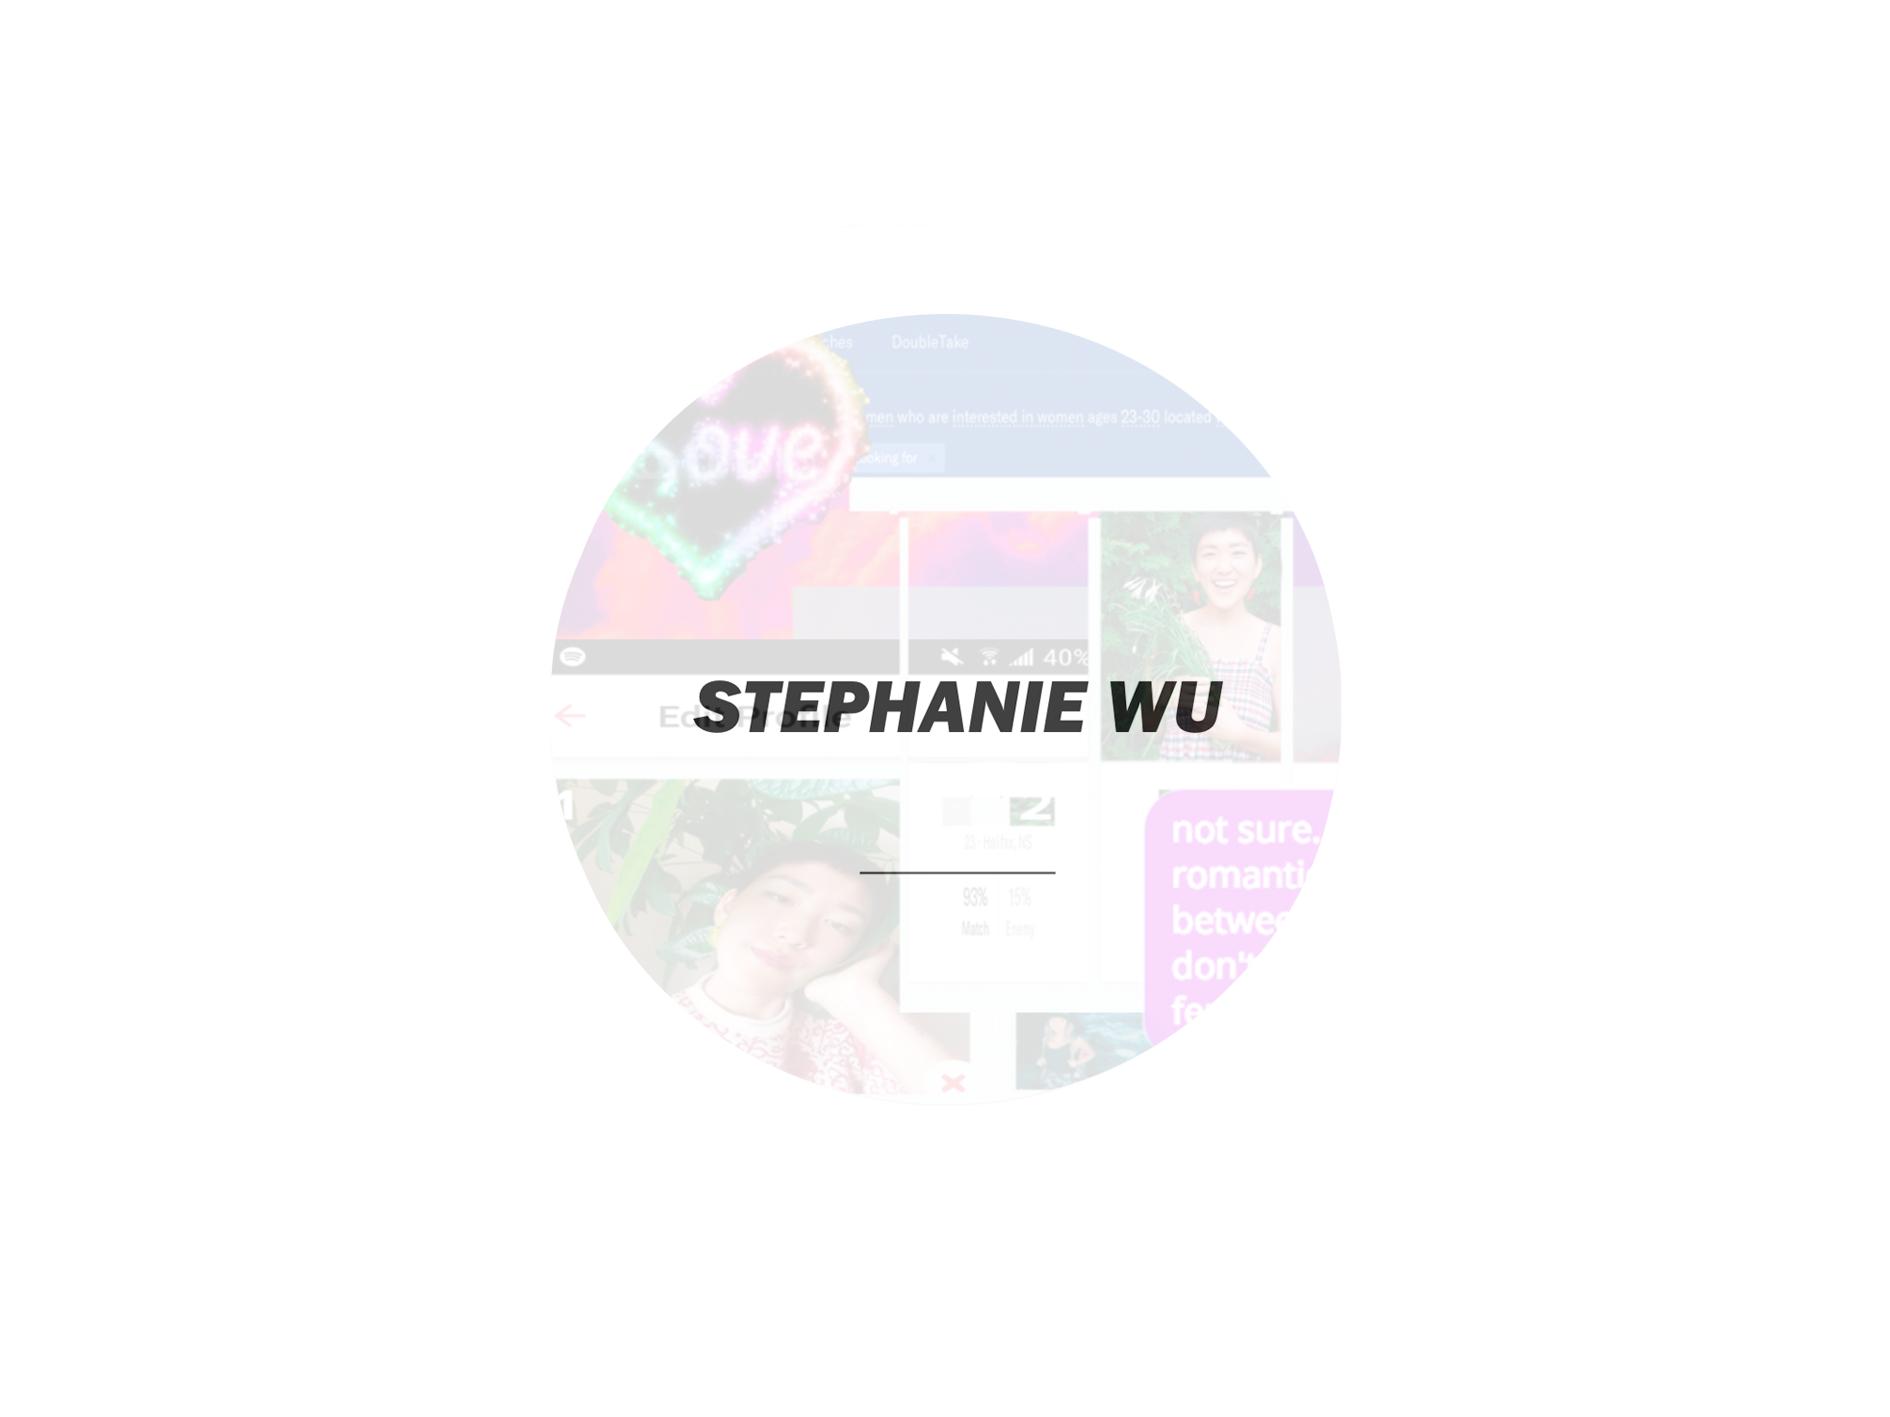 StephanieWu.jpg